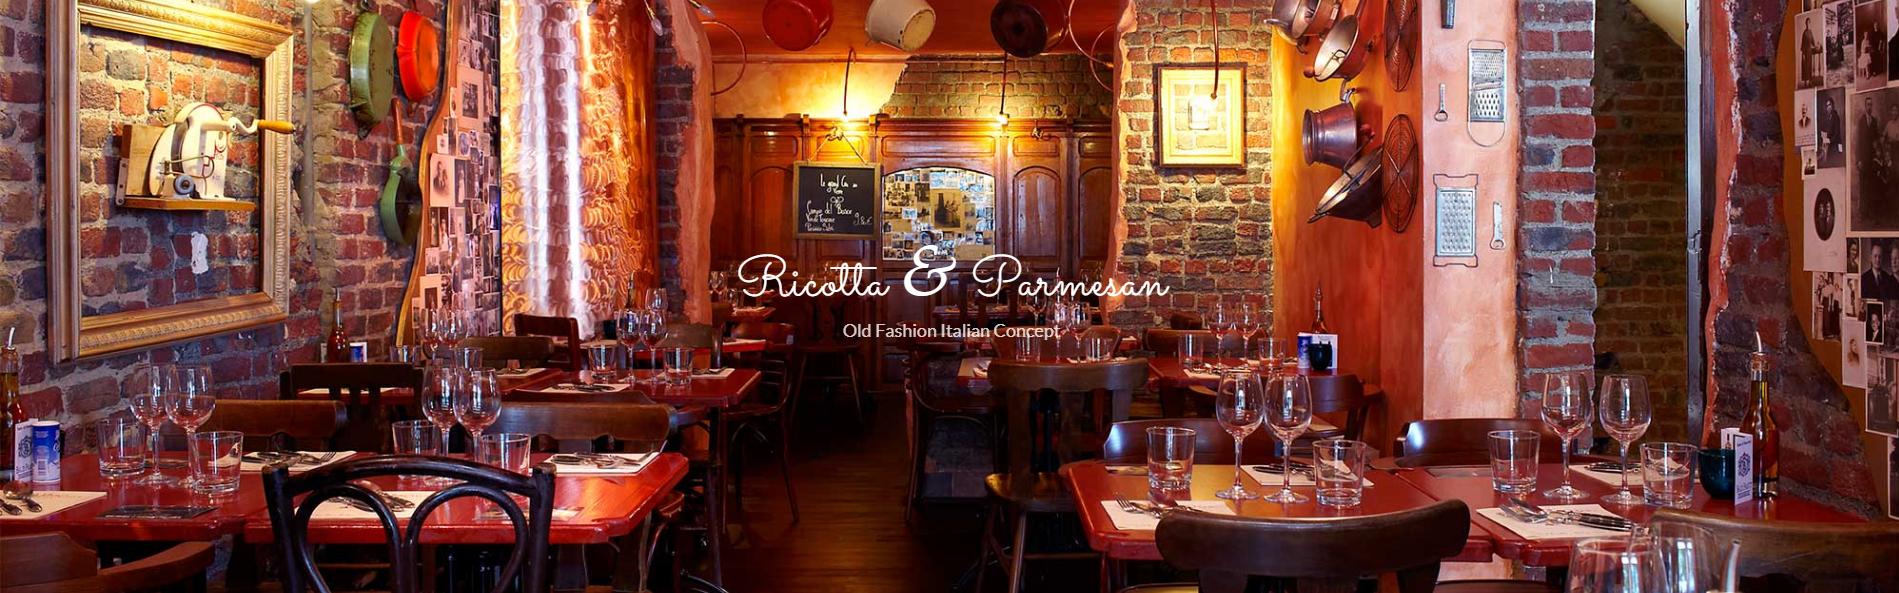 Ricotta & Parmesan : l'empire des pâtes !